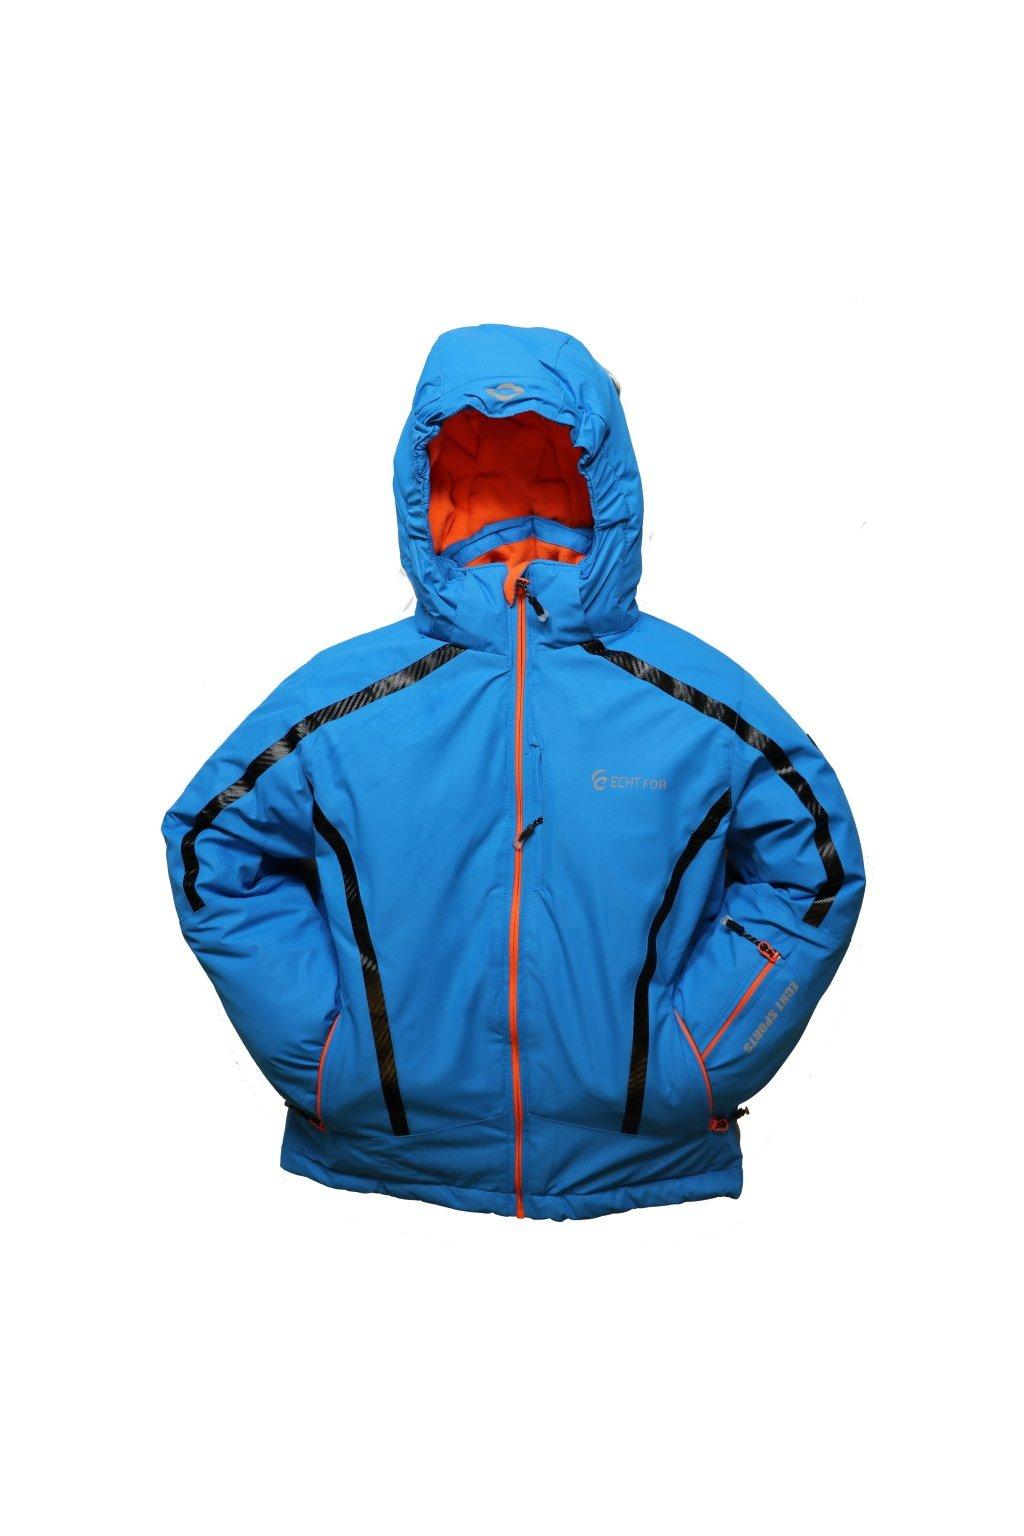 Dětská zimní bunda HA01-M1 modrá vel. 104-134 cm